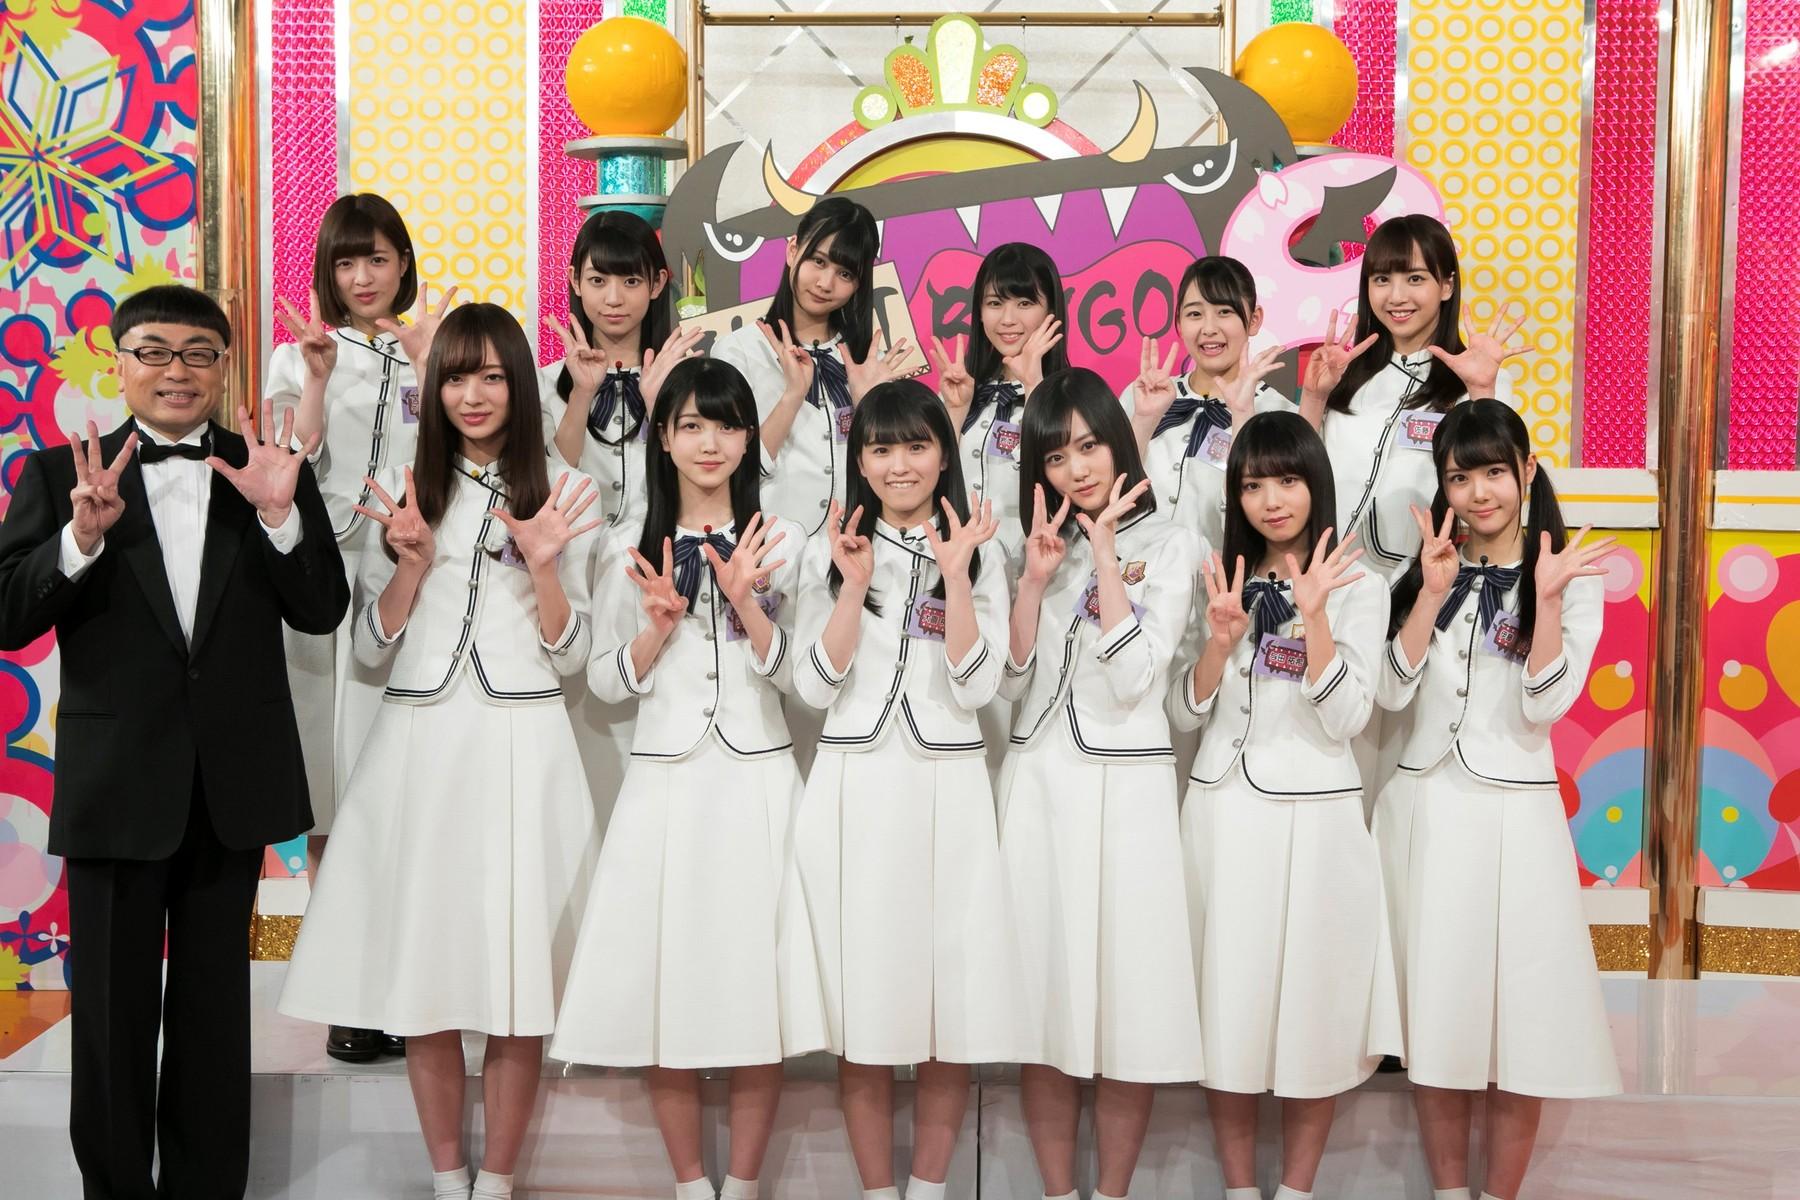 【エンタメ画像】【乃木坂46】今夜スタート『NOGIBINGO!8』オフショットを公開!!楽しみだな♪♪♪